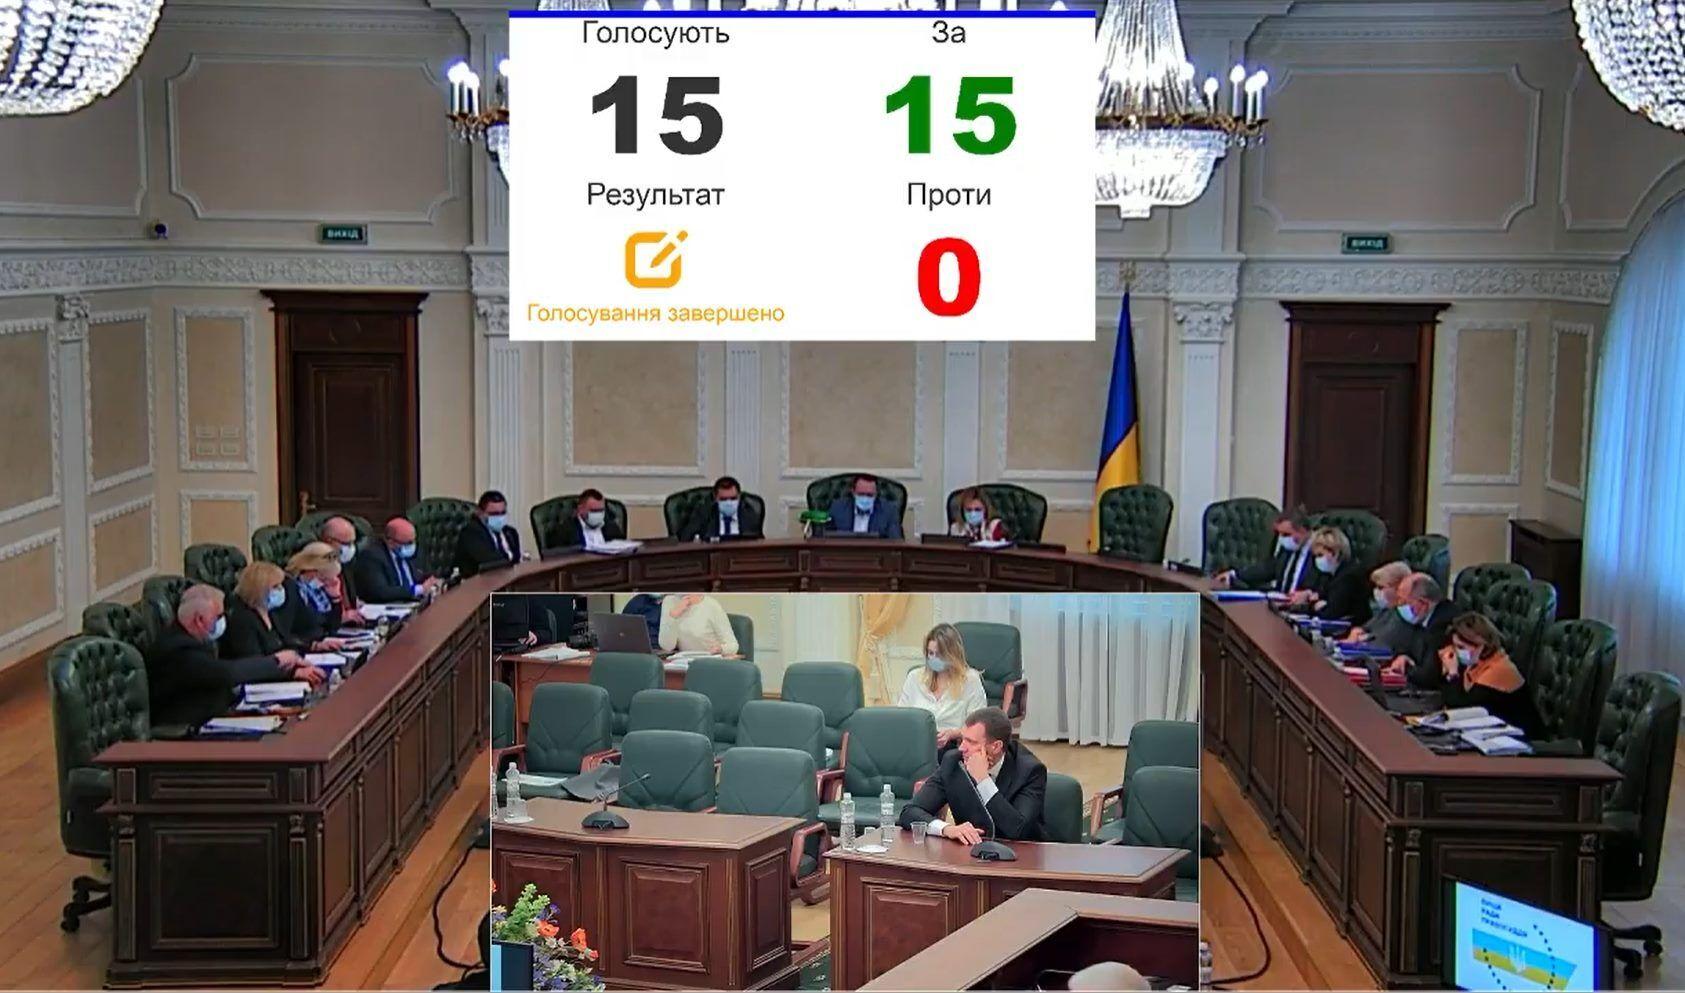 Судья Майдана получил право пожизненно работать судьей Печерского райсуда столицы